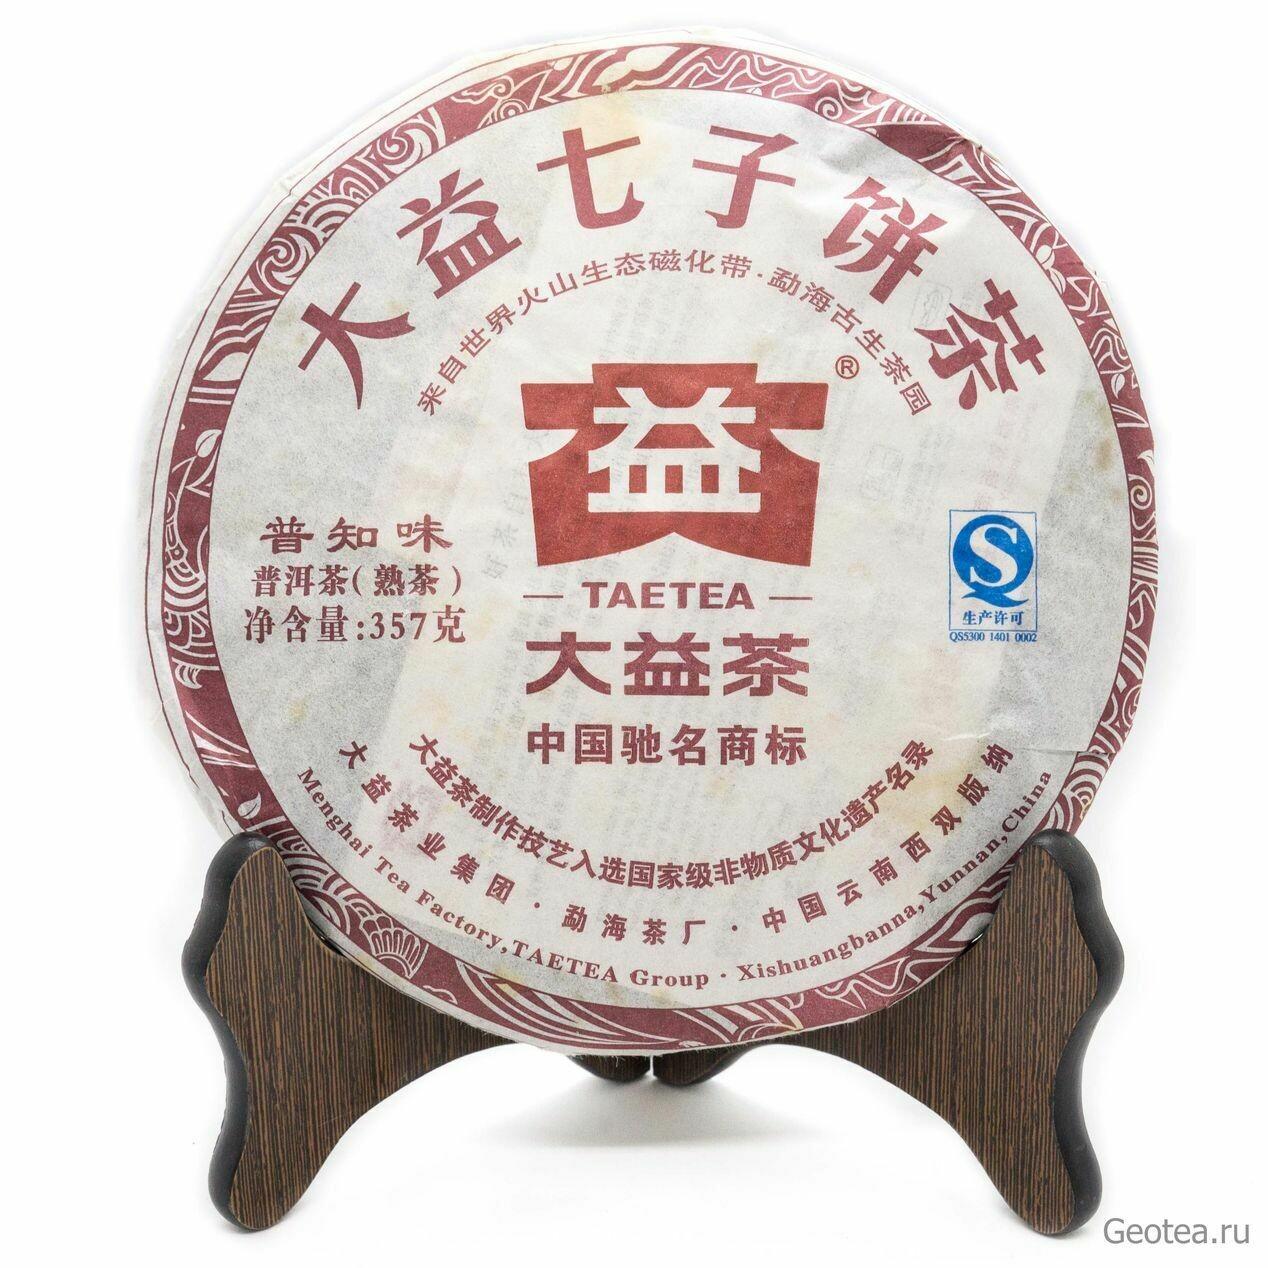 """Чай Шу Пуэр """"Пучживэй"""" Да И, Ци Цзы Бин, 2011г., 357гр."""